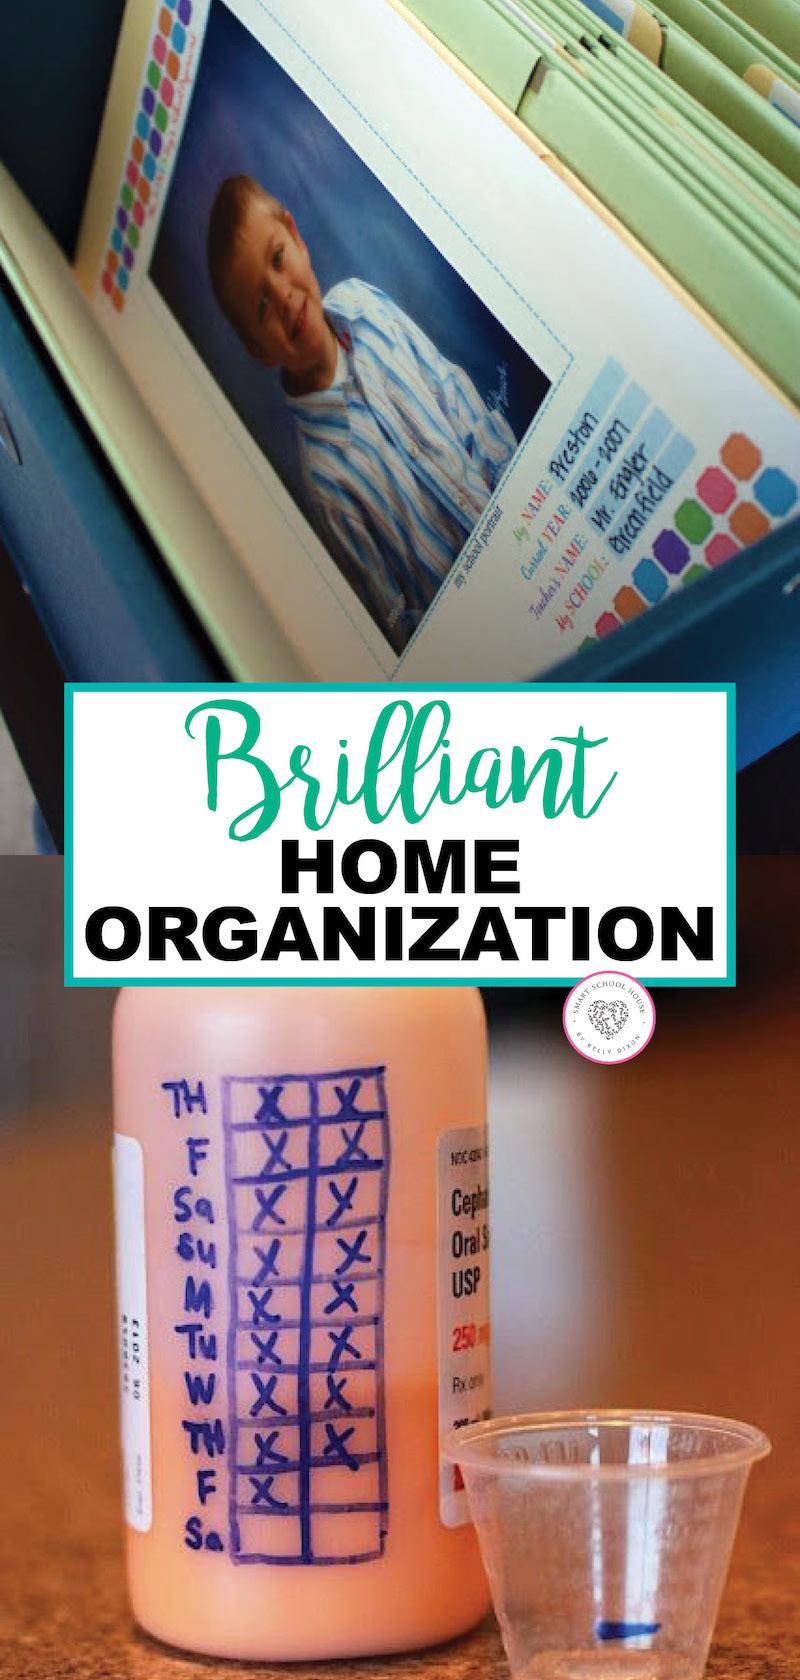 Brilliant Home Organization Ideas